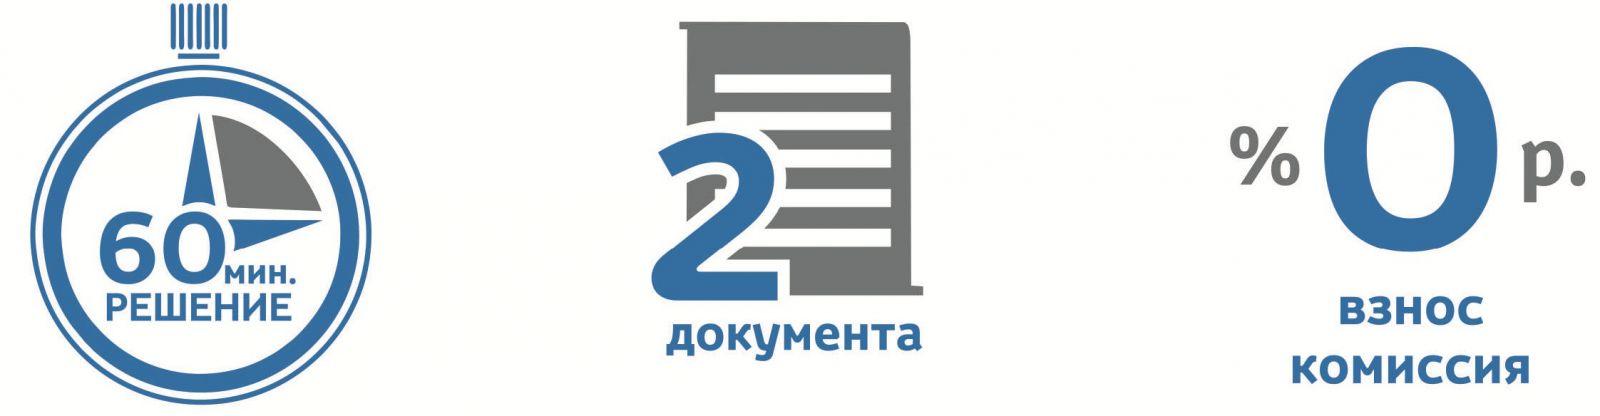 новое решение кредит играть в косынку по три карты онлайн бесплатно без регистрации на русском